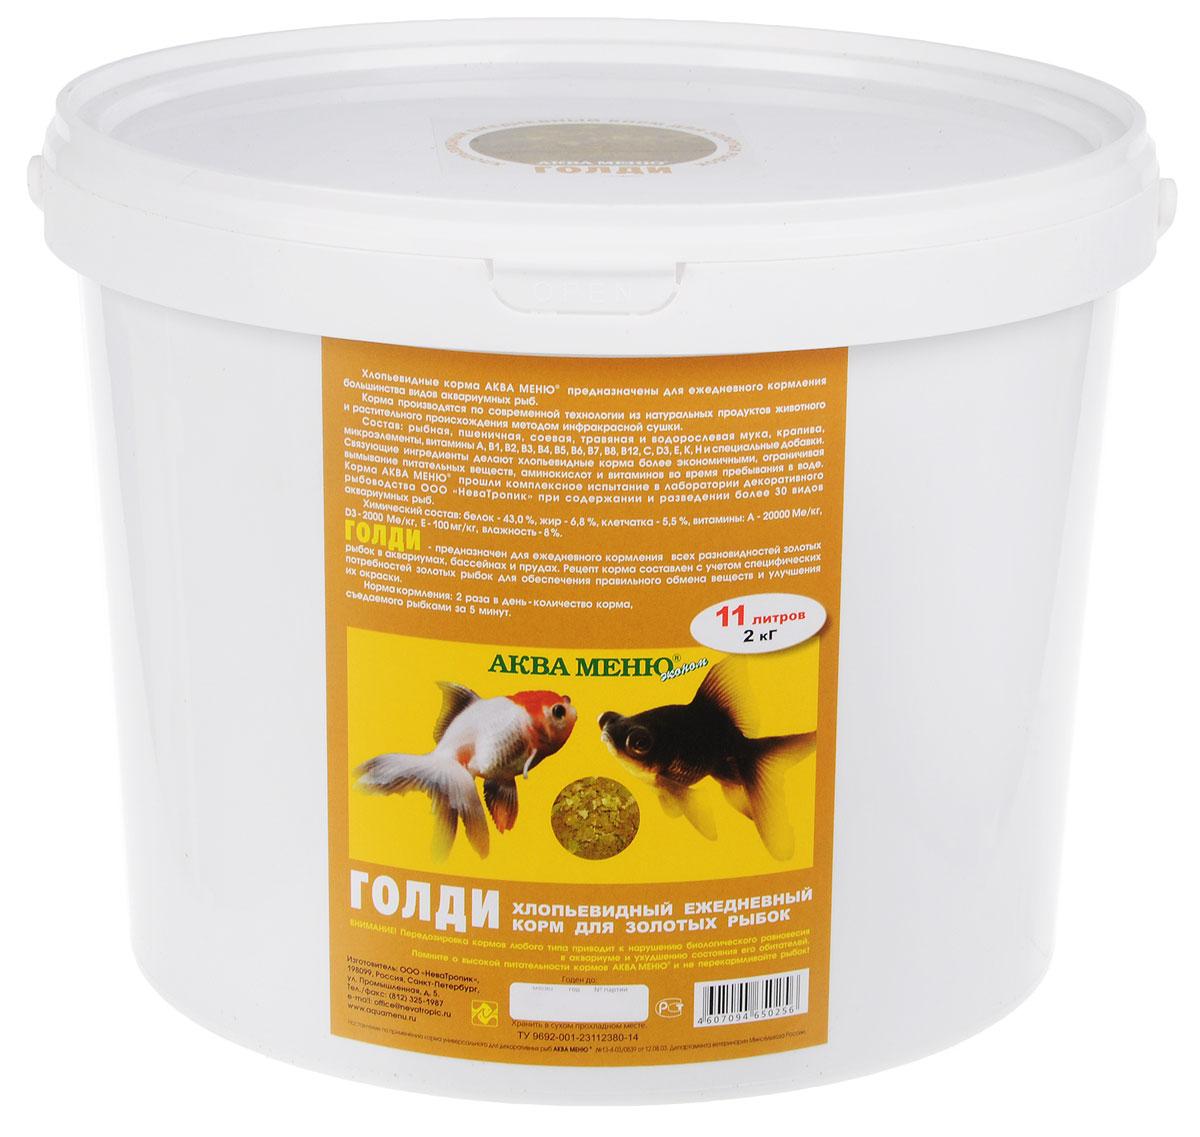 Корм Aquamenu Голди, для золотых рыбок, 11 л (2 кг)7075Хлопьевидный корм Aquamenu Голди предназначен для ежедневного кормления большинства видов аквариумных рыб. Корм производится по современной технологии из натуральных продуктов животного и растительного происхождения методом инфракрасной сушки. Связующие ингредиенты делают корм более экзотичным, ограничивая вымывание питательных веществ, аминокислот и витаминов во время пребывания в воде. Рецепт корма составлен с учетом специфических потребностей золотых рыбок для обеспечения правильного обмена веществ и улучшения их окраски.Состав: рыбная, пшеничная, соевая, травяная и водорослевая мука, крапива, микроэлементы, витамины A, B1, B2, B3, B4, B5, B6, B7, B8, B12, C, D3, E, K, H и специальные добавки.Товар сертифицирован.